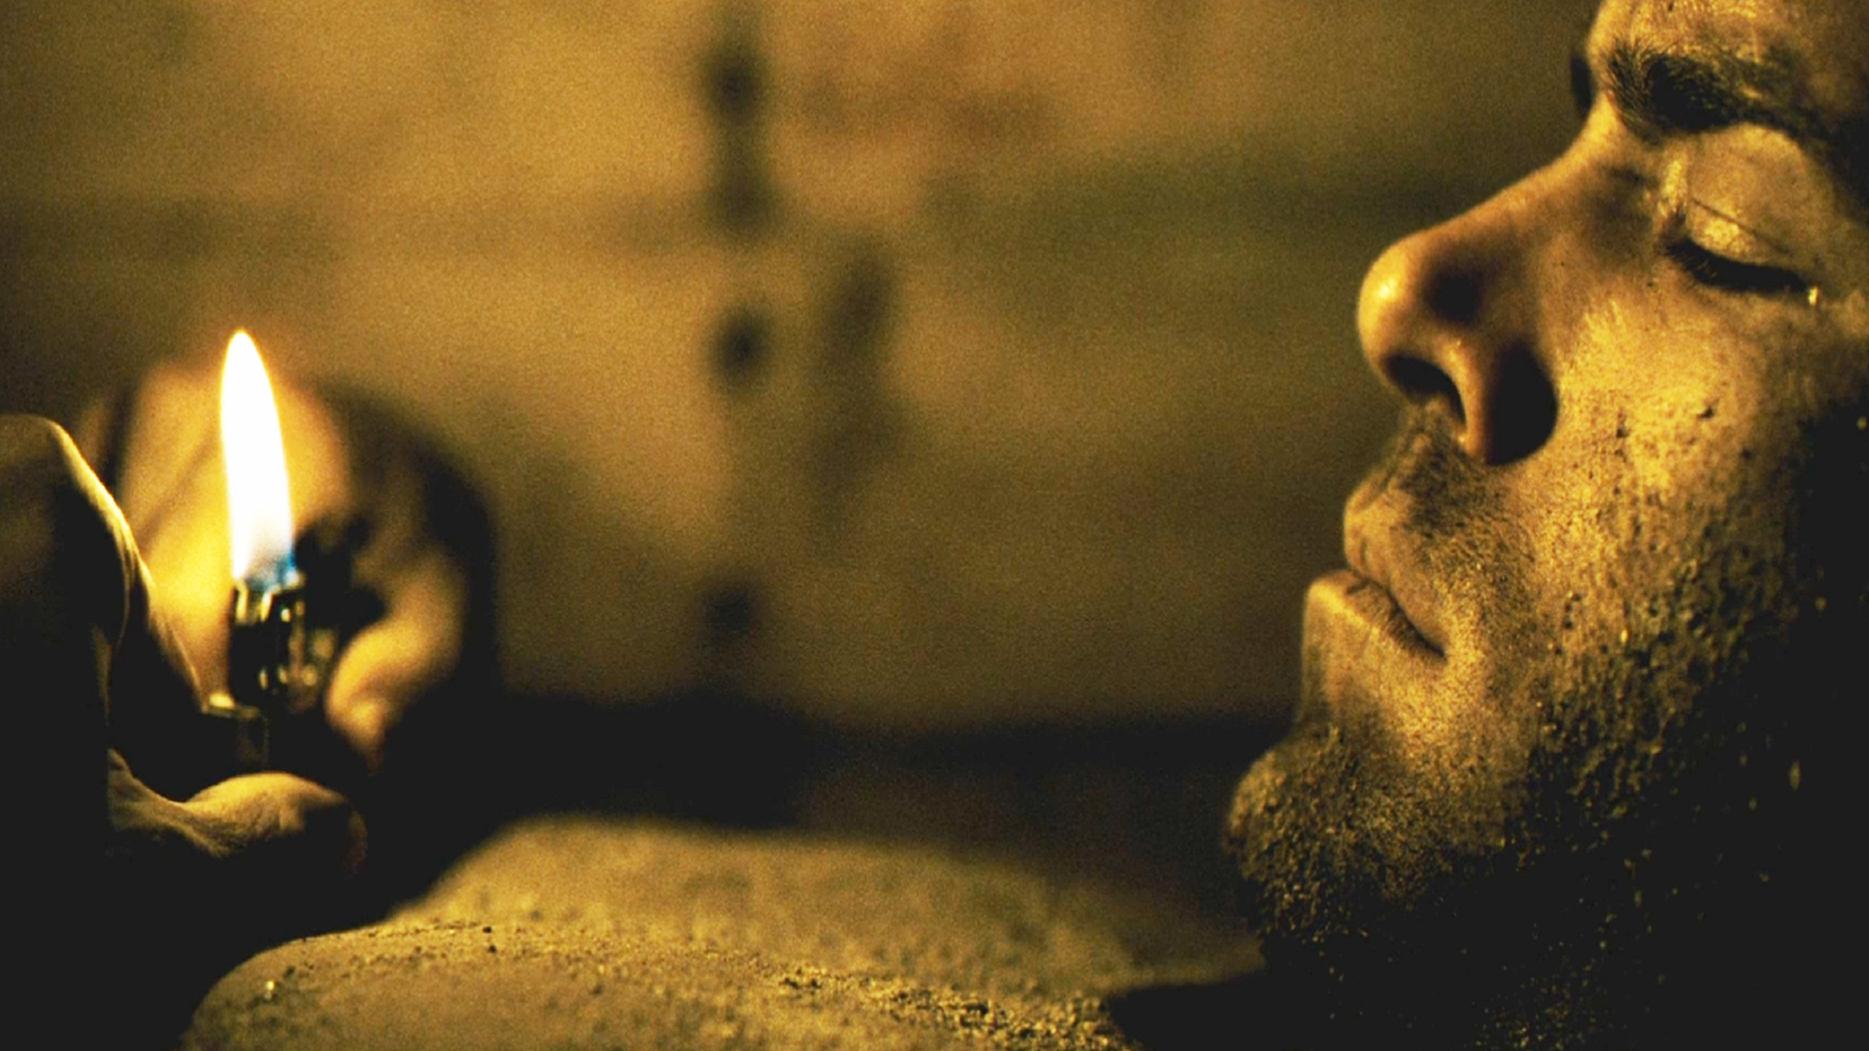 《活埋》:一个男人,一口棺材,一部手机,他是否能活着出去?